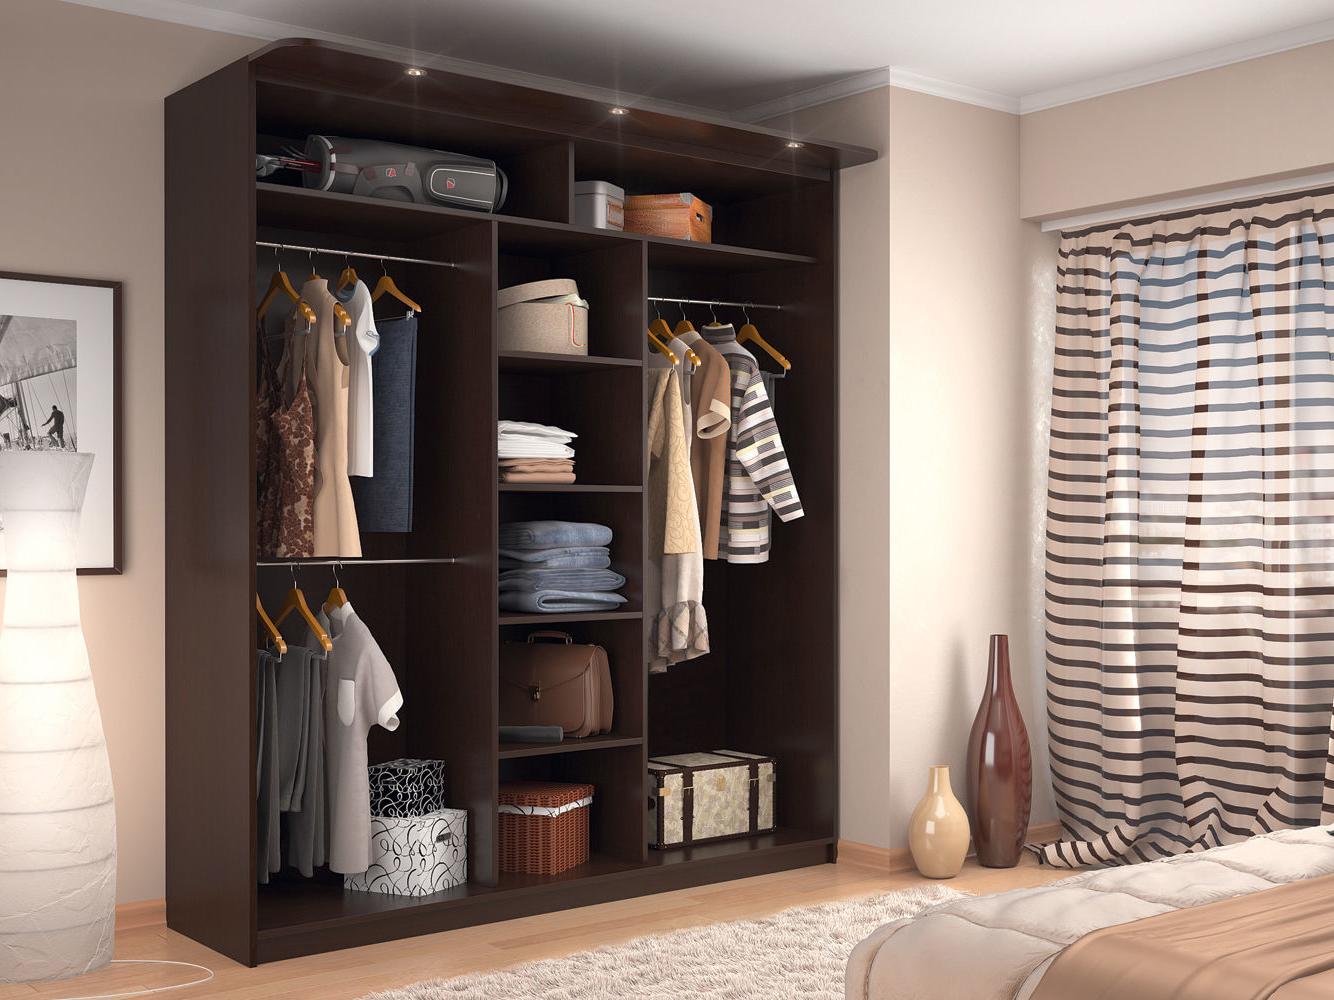 шкаф в интерьере помещения